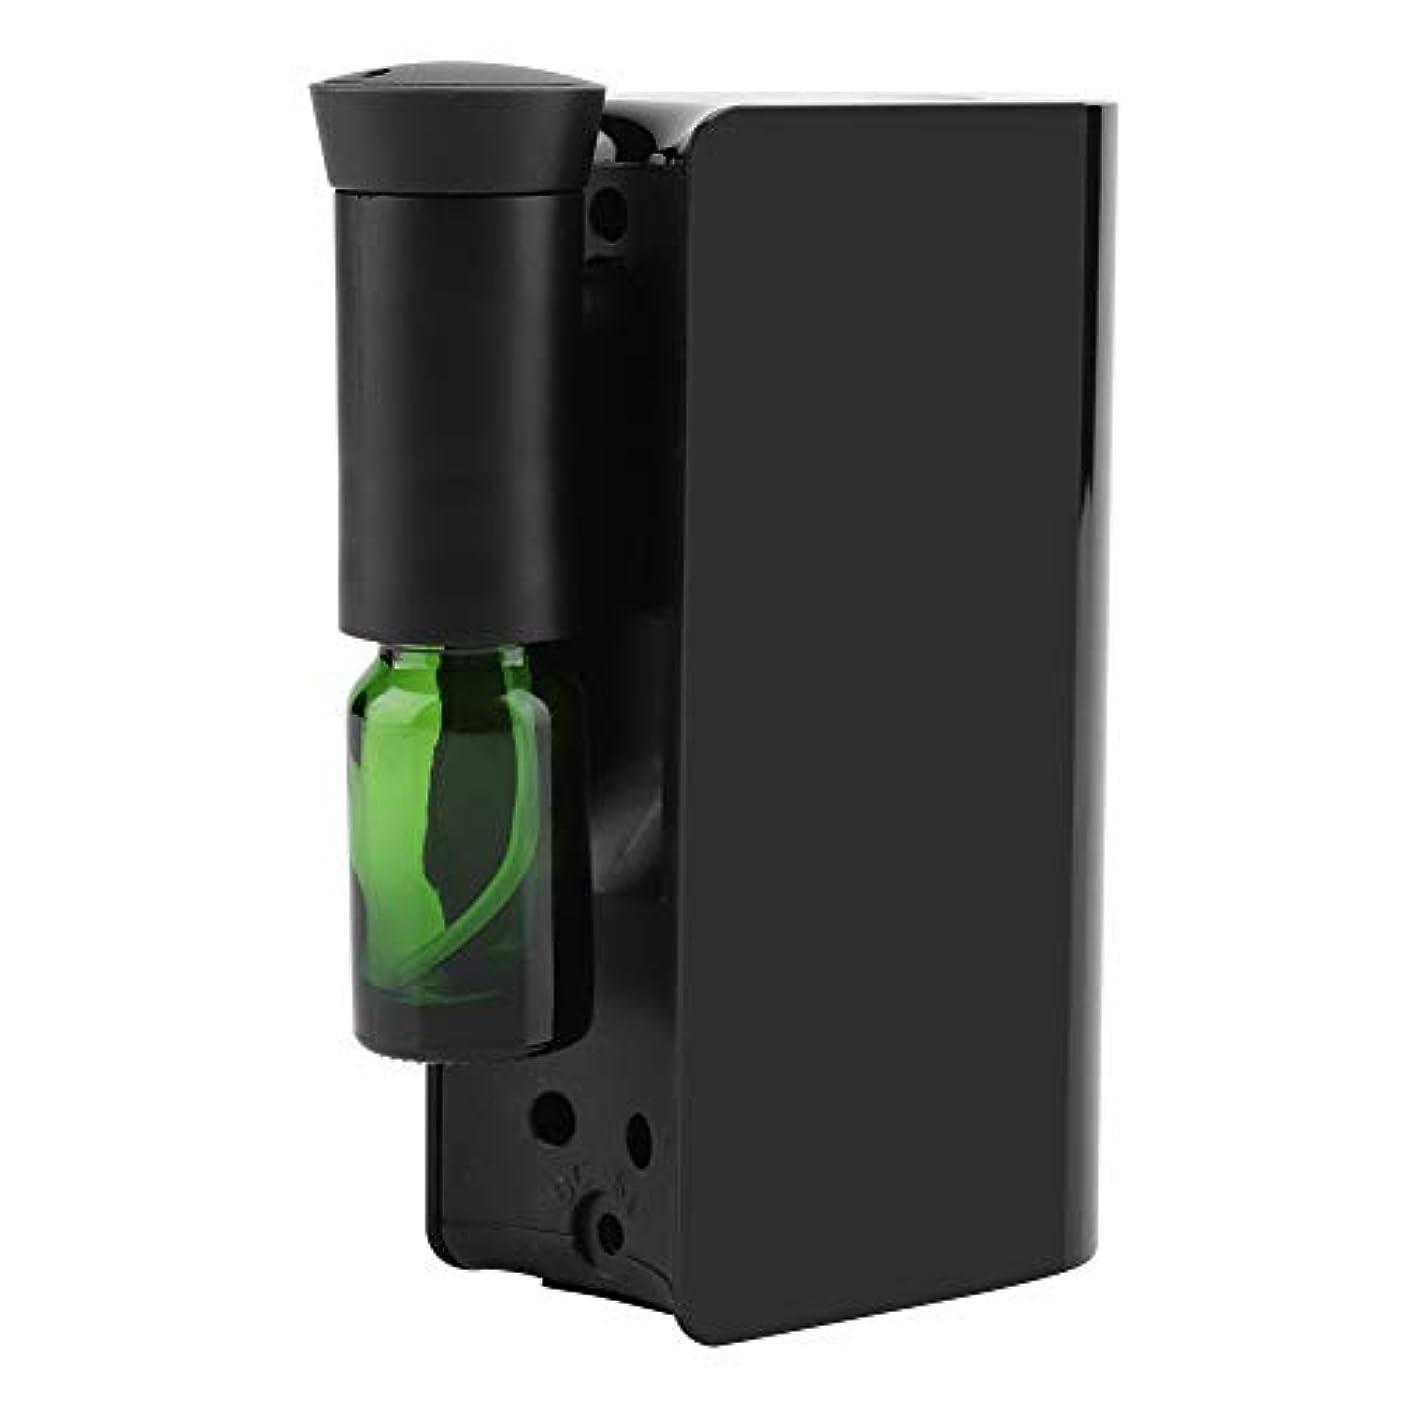 機会バスタブ人工エッセンシャルオイルディフューザー、100ml USB充電式クールミスト加湿器アロマオイル加湿器気化器アロマディフューザー(ブラック)